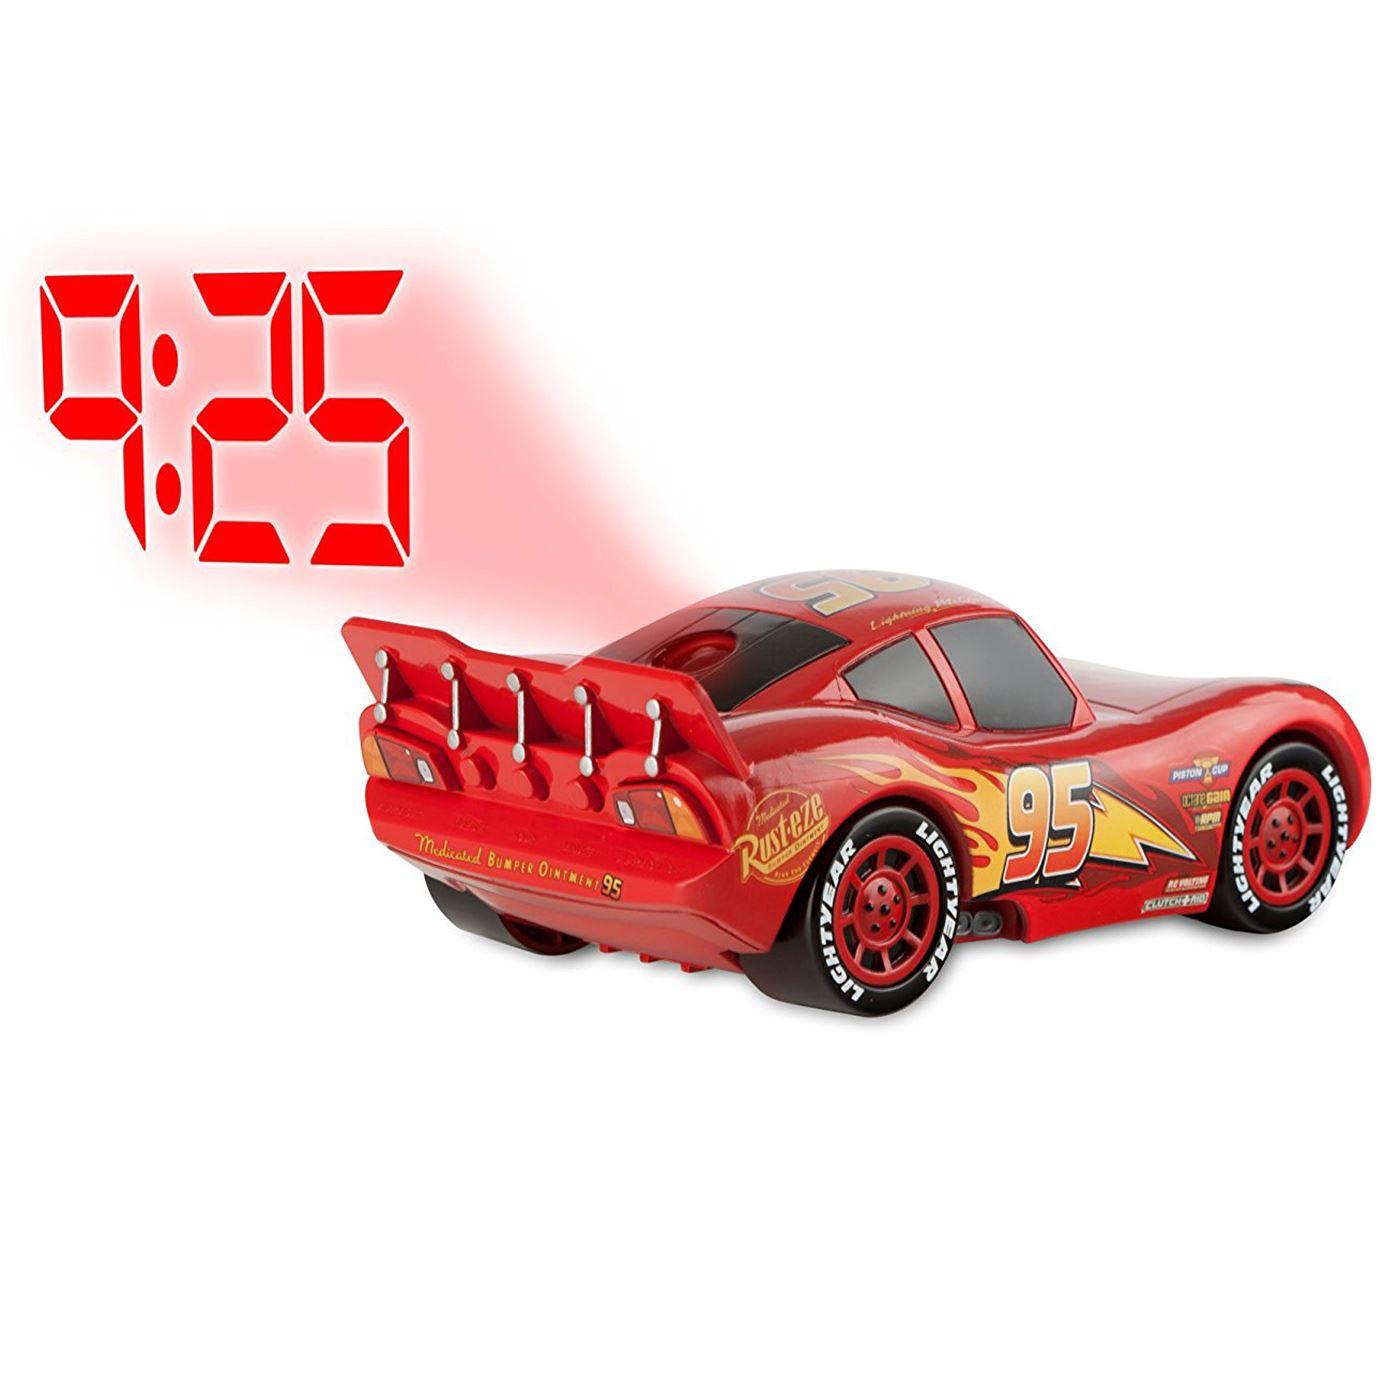 UFFICIALE Saetta McQueen Cars Tutto in Uno Pile Ragazzi bambini Toddlers 2 3 4 5